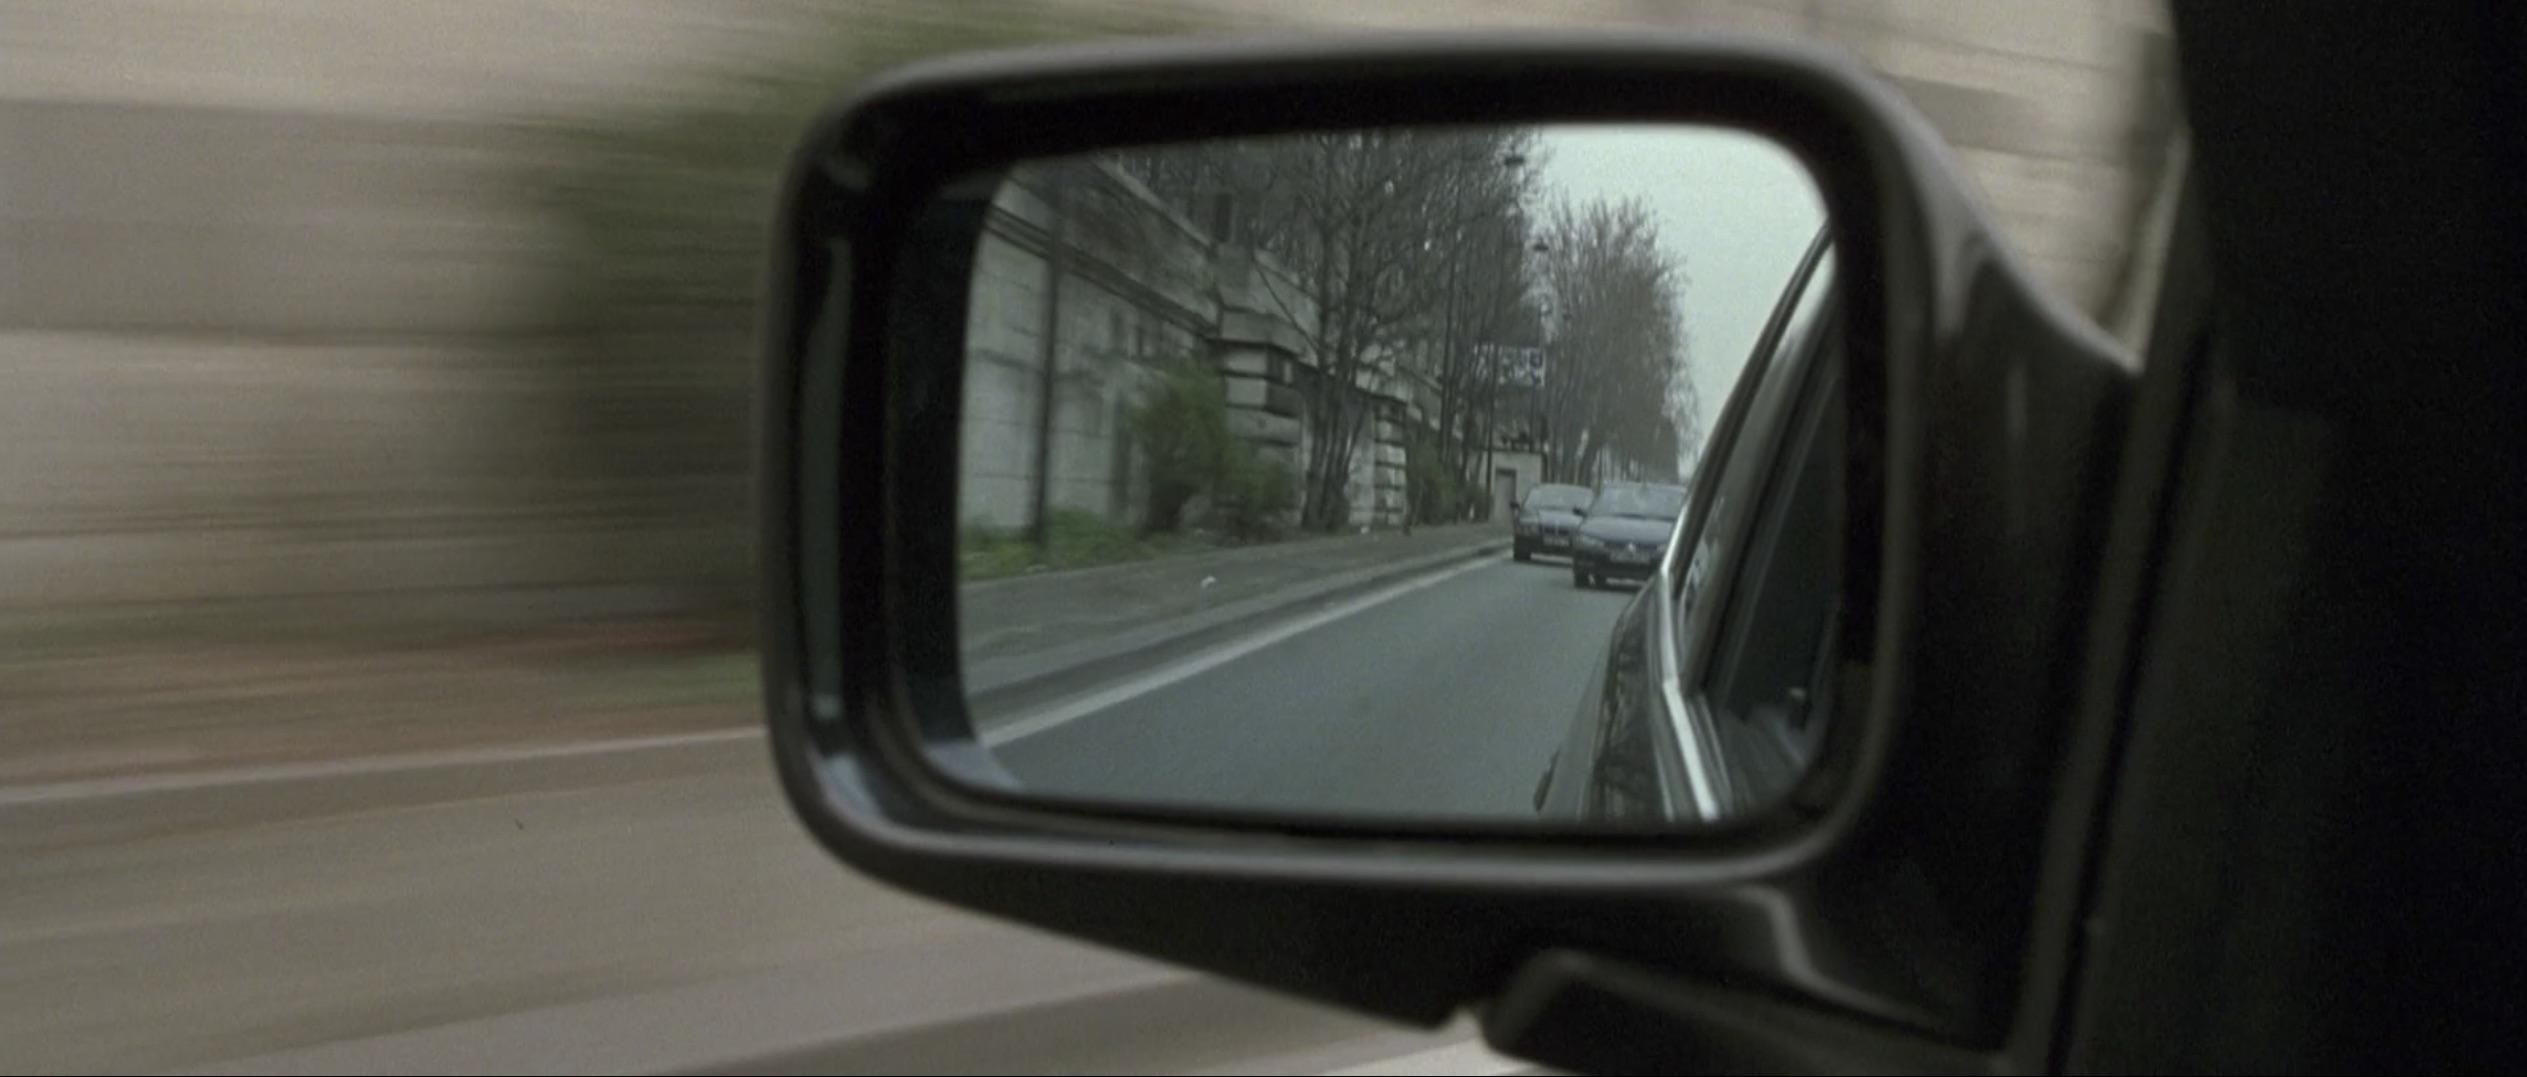 Ronin side mirror